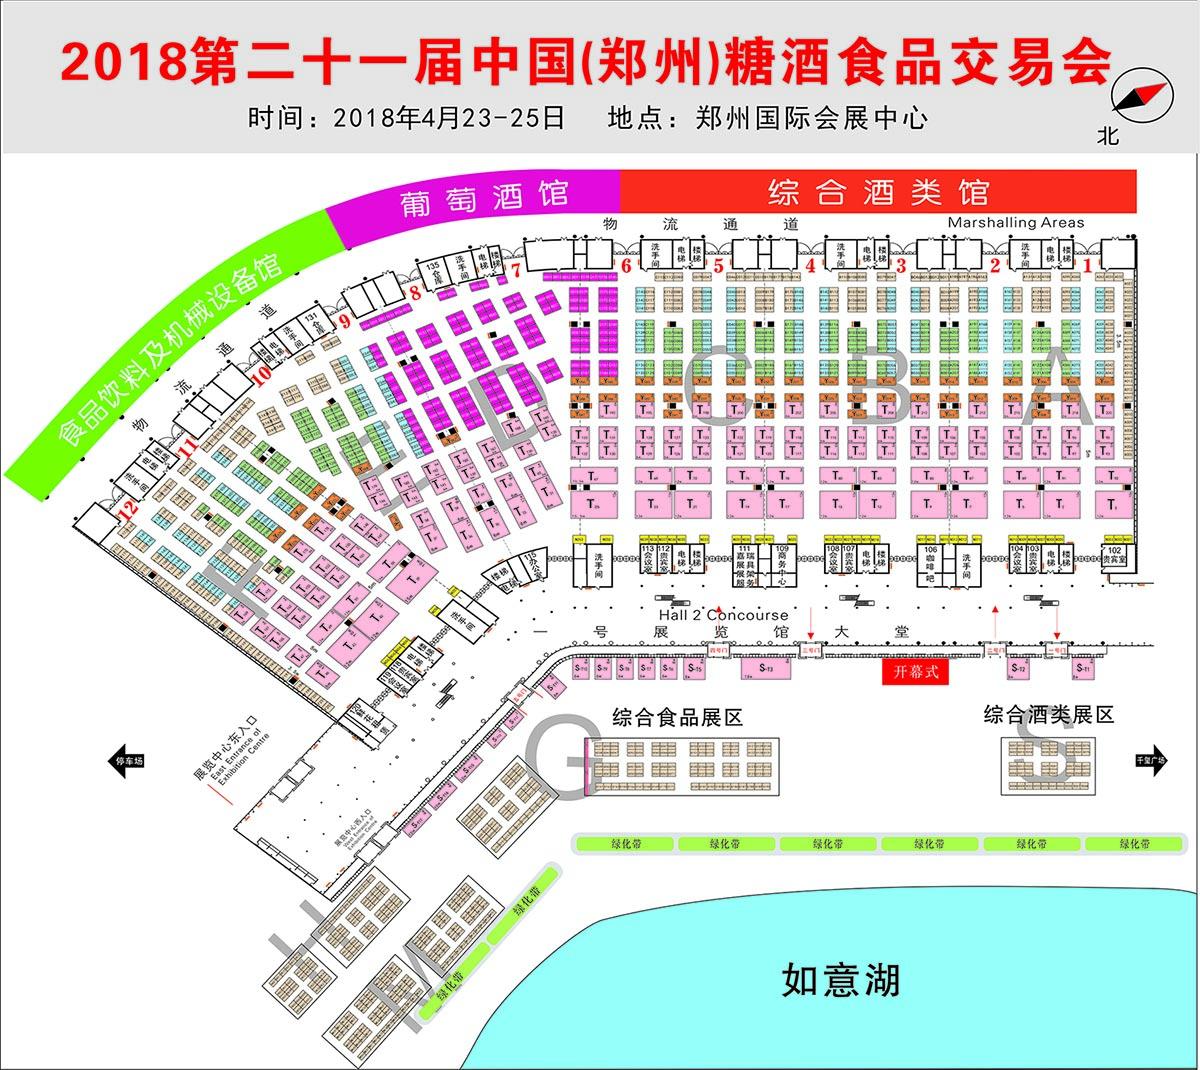 2018郑州国际糖酒会(时间+交通+门票领取)